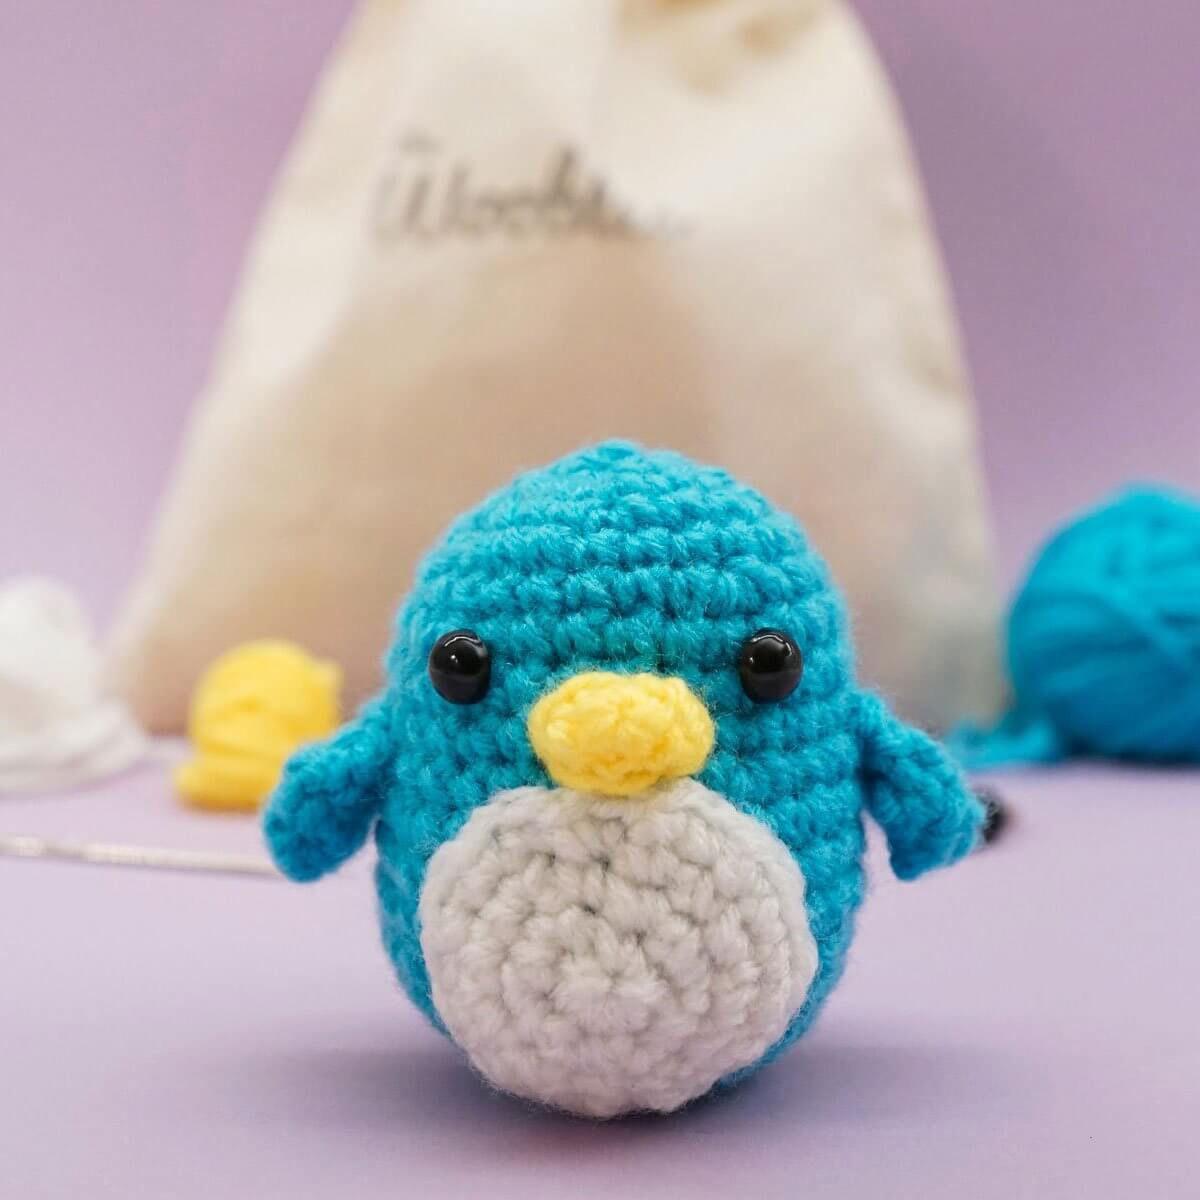 The Woobles Penguin Crochet Kit